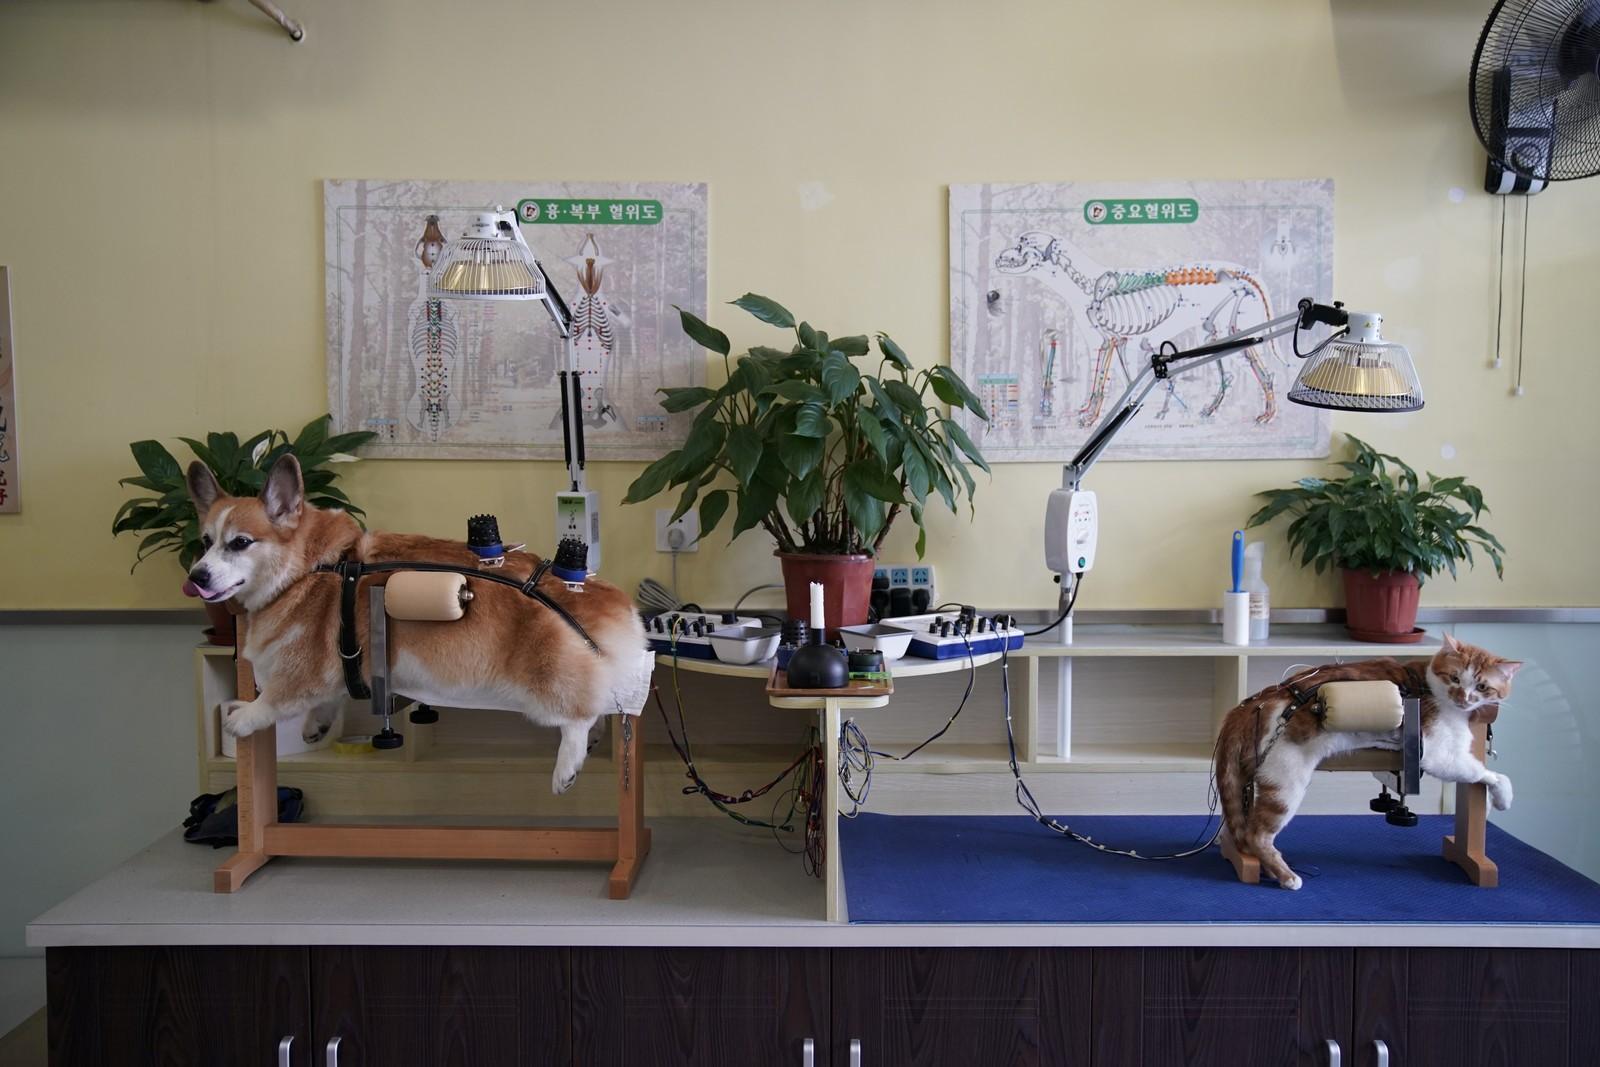 Hørt den om hunden og katten som skulle få akupunktur? I Shanghai er ikke dette introen til en dårlig vits, men et tilbud man får kjøpt på et dyresenter.